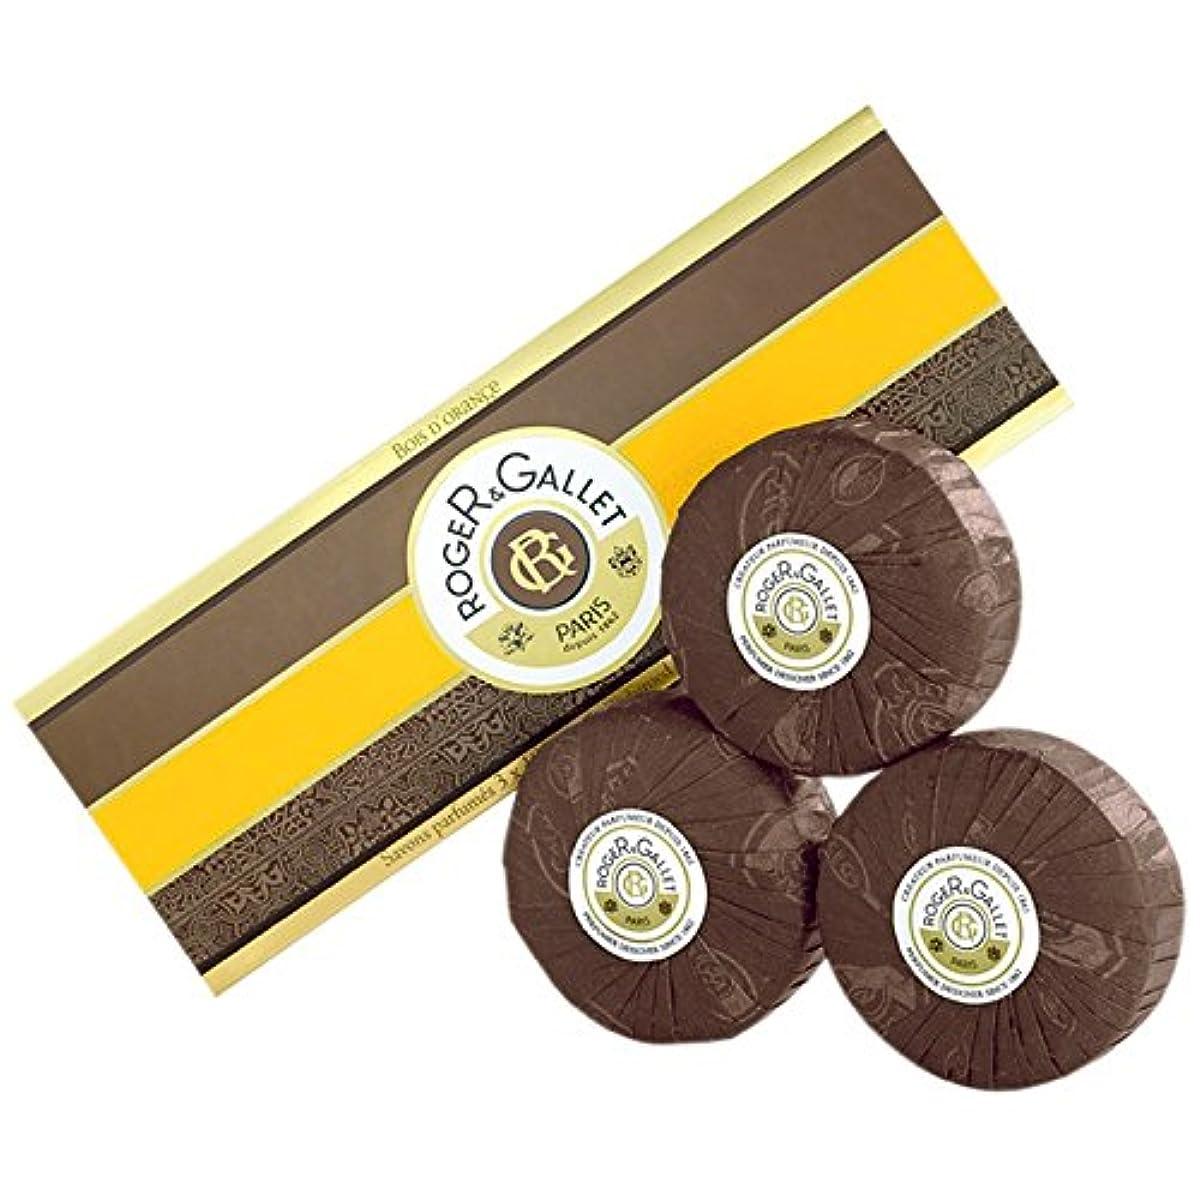 乳剤送料複雑ロジャー&GalletのBoisのドールオレンジソープ3つのX 100グラム (Roger & Gallet) - Roger & Gallet Bois D'Orange Soap 3 x 100g [並行輸入品]